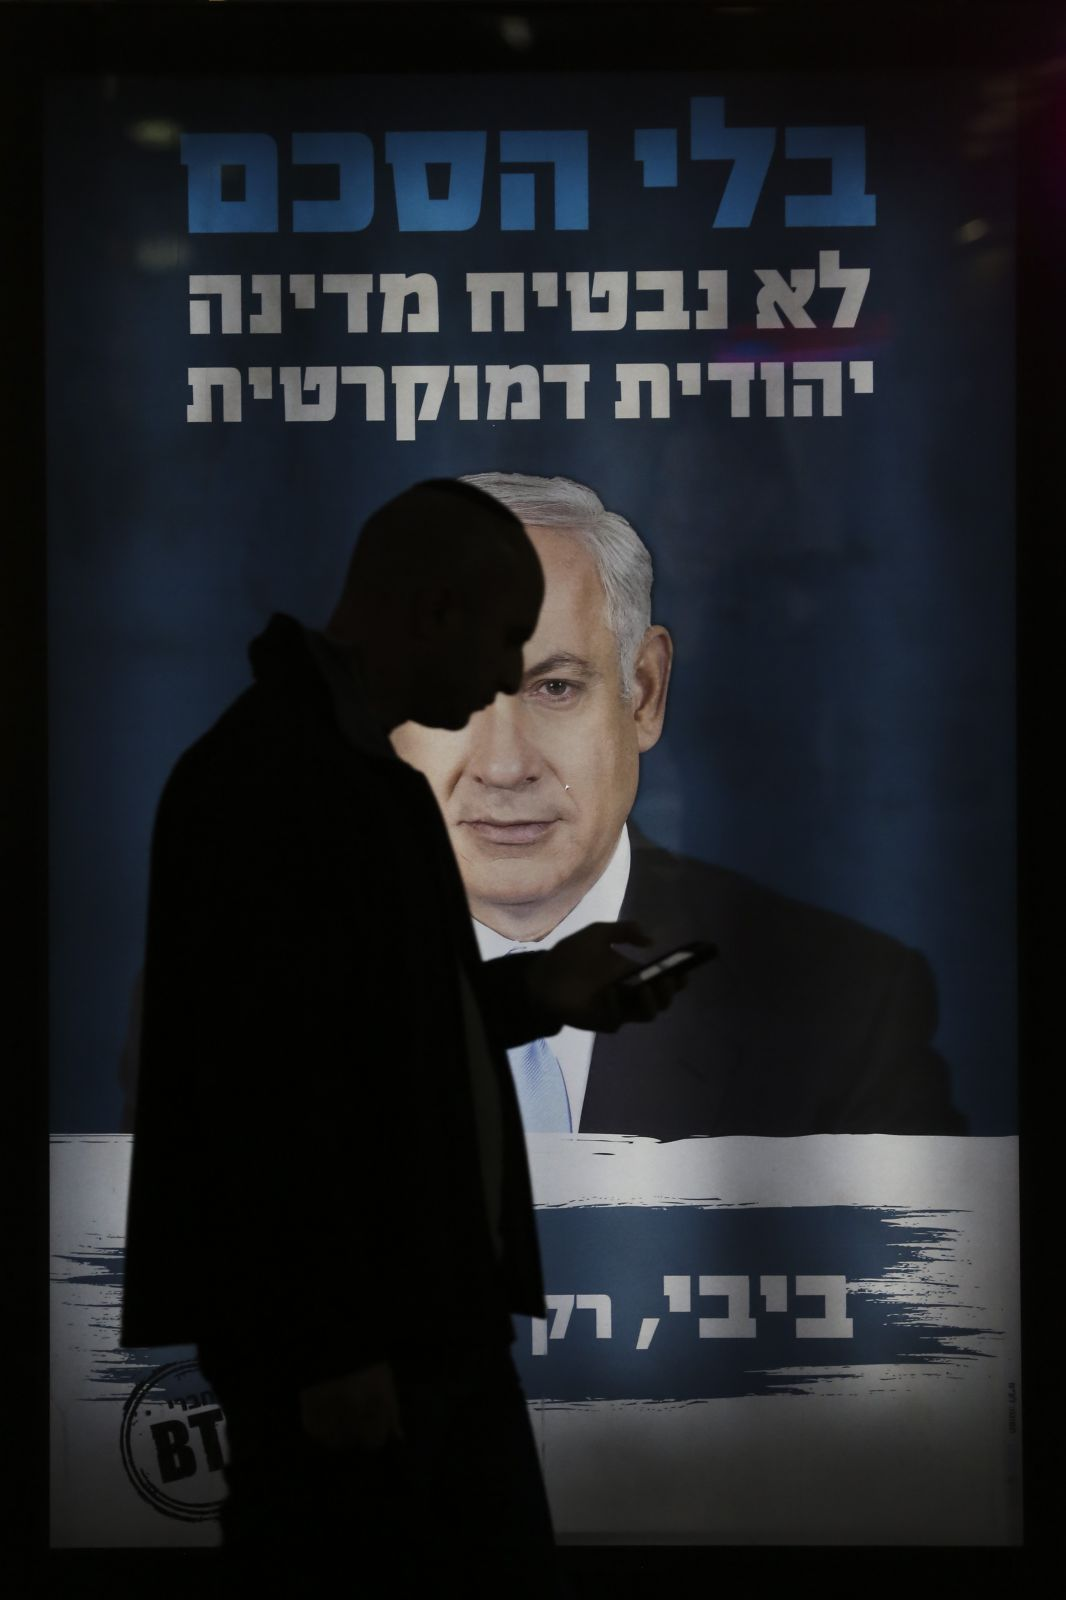 ראש הממשלה ואיש צללים, ירושלים, 27.1.14 (צילום: נתי שוחט)